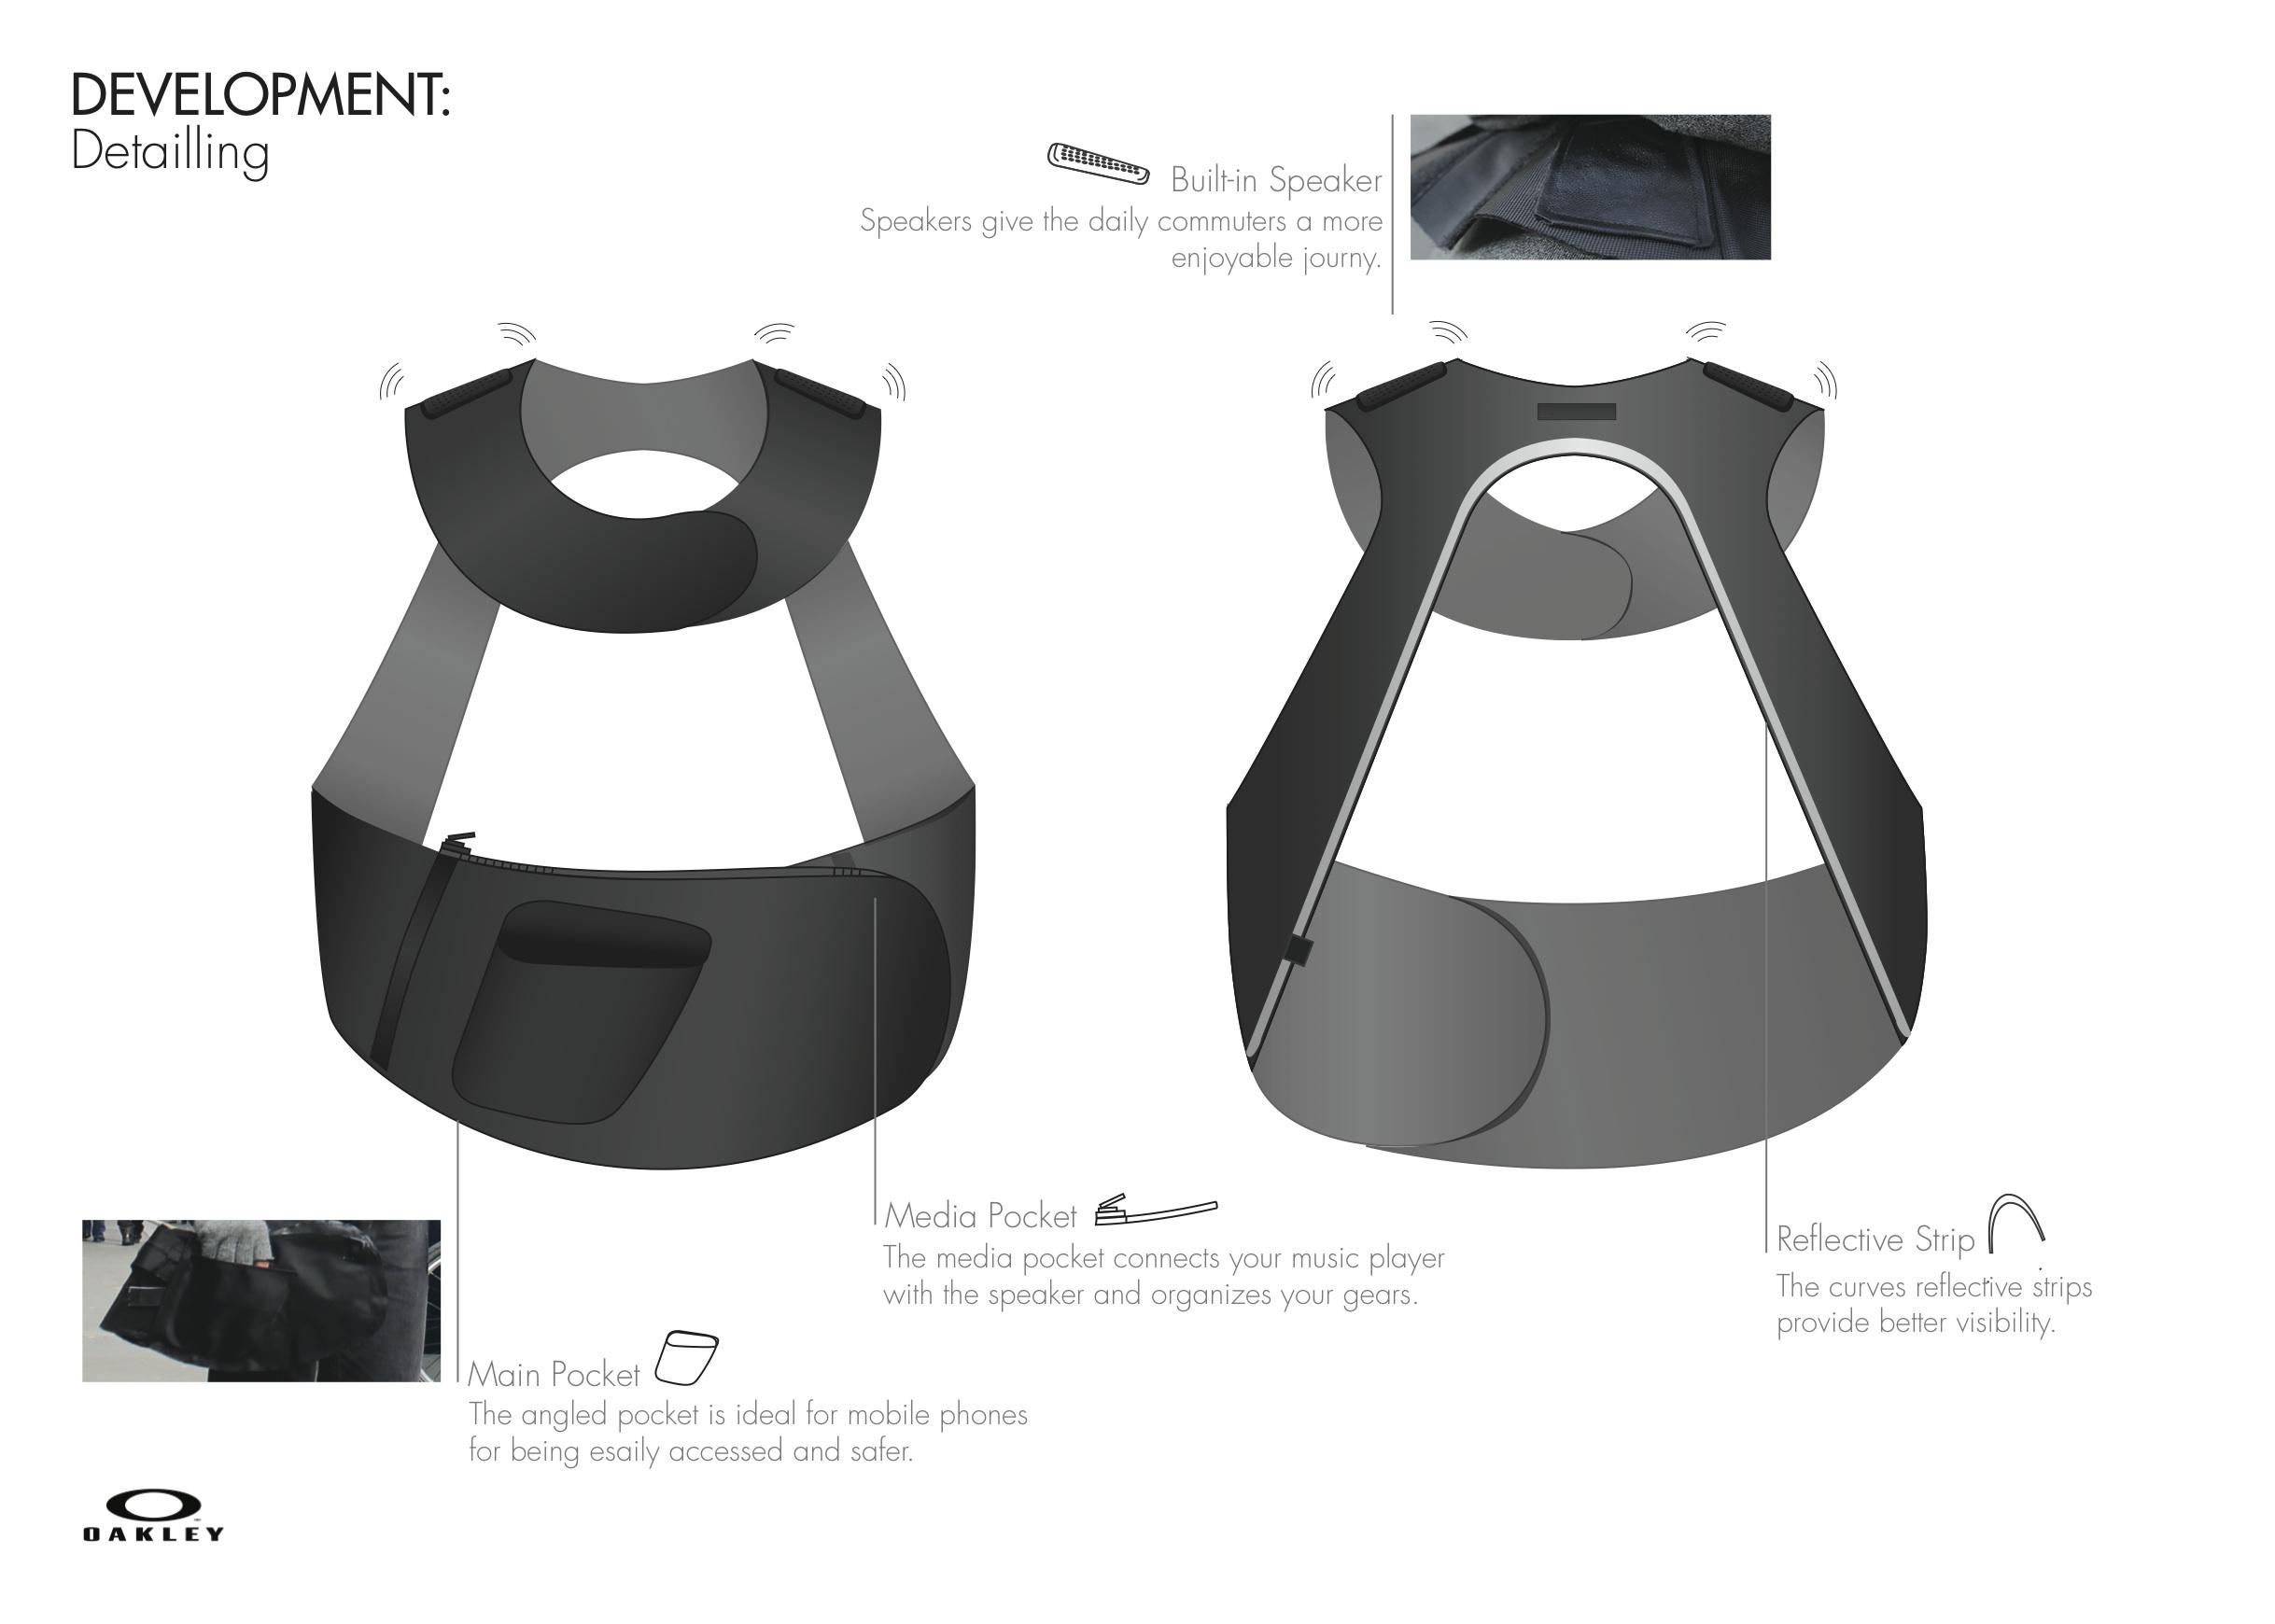 Oakley dandad FINAL 2.1.jpg